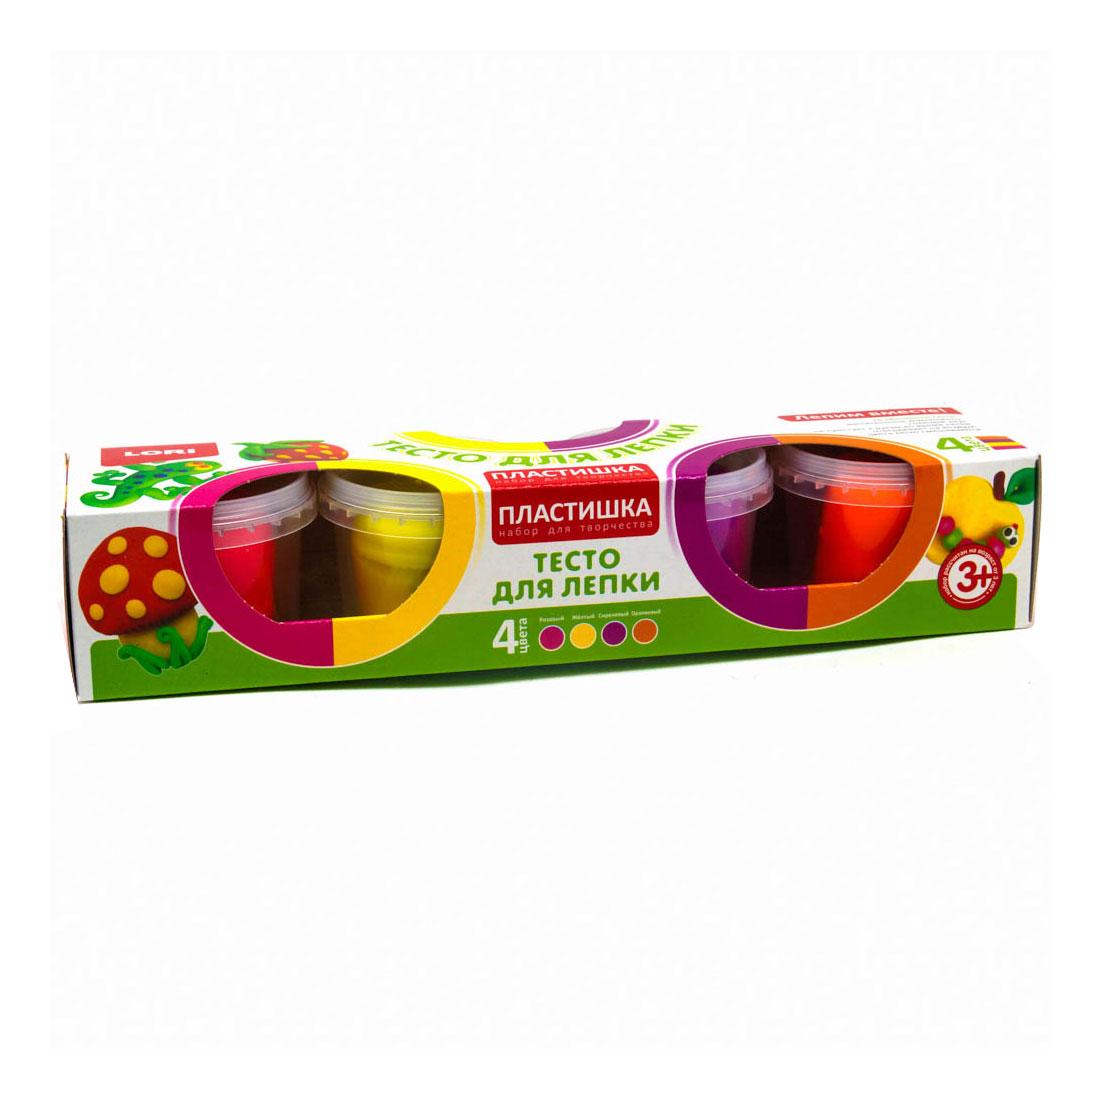 Тесто для моделирования затвердевающее LORI Пластишка 4 цвета х 80 гр Набор № 11<br>